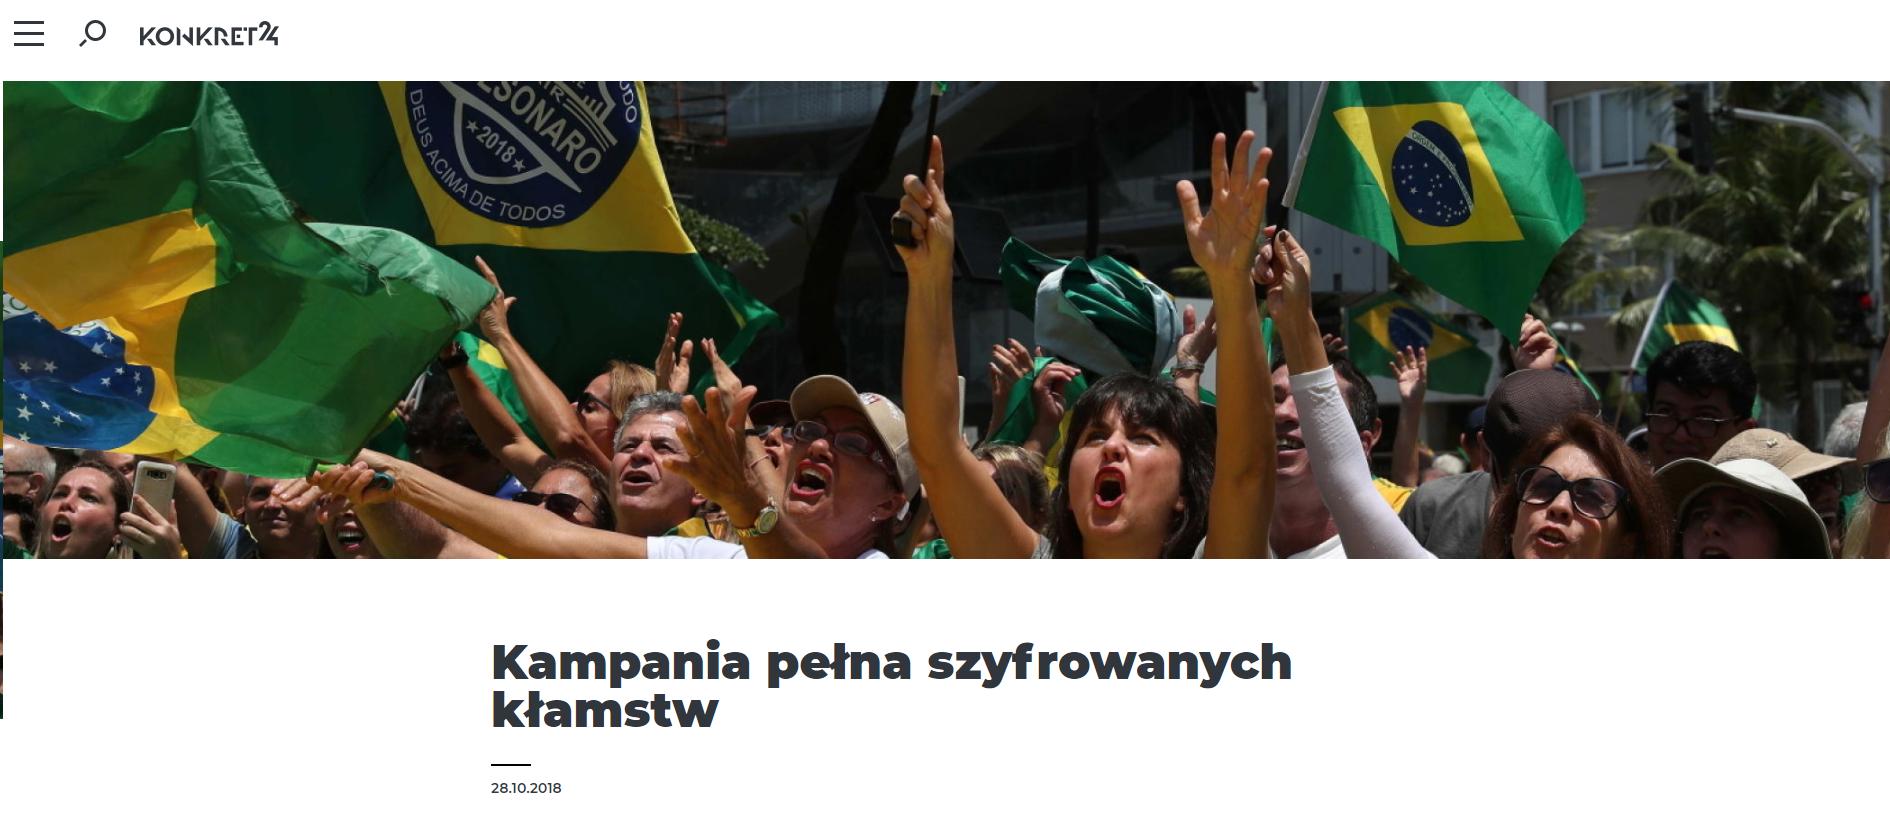 W naszym tekście pisaliśmy o podobnej sytuacji z brazylijskich wyborów